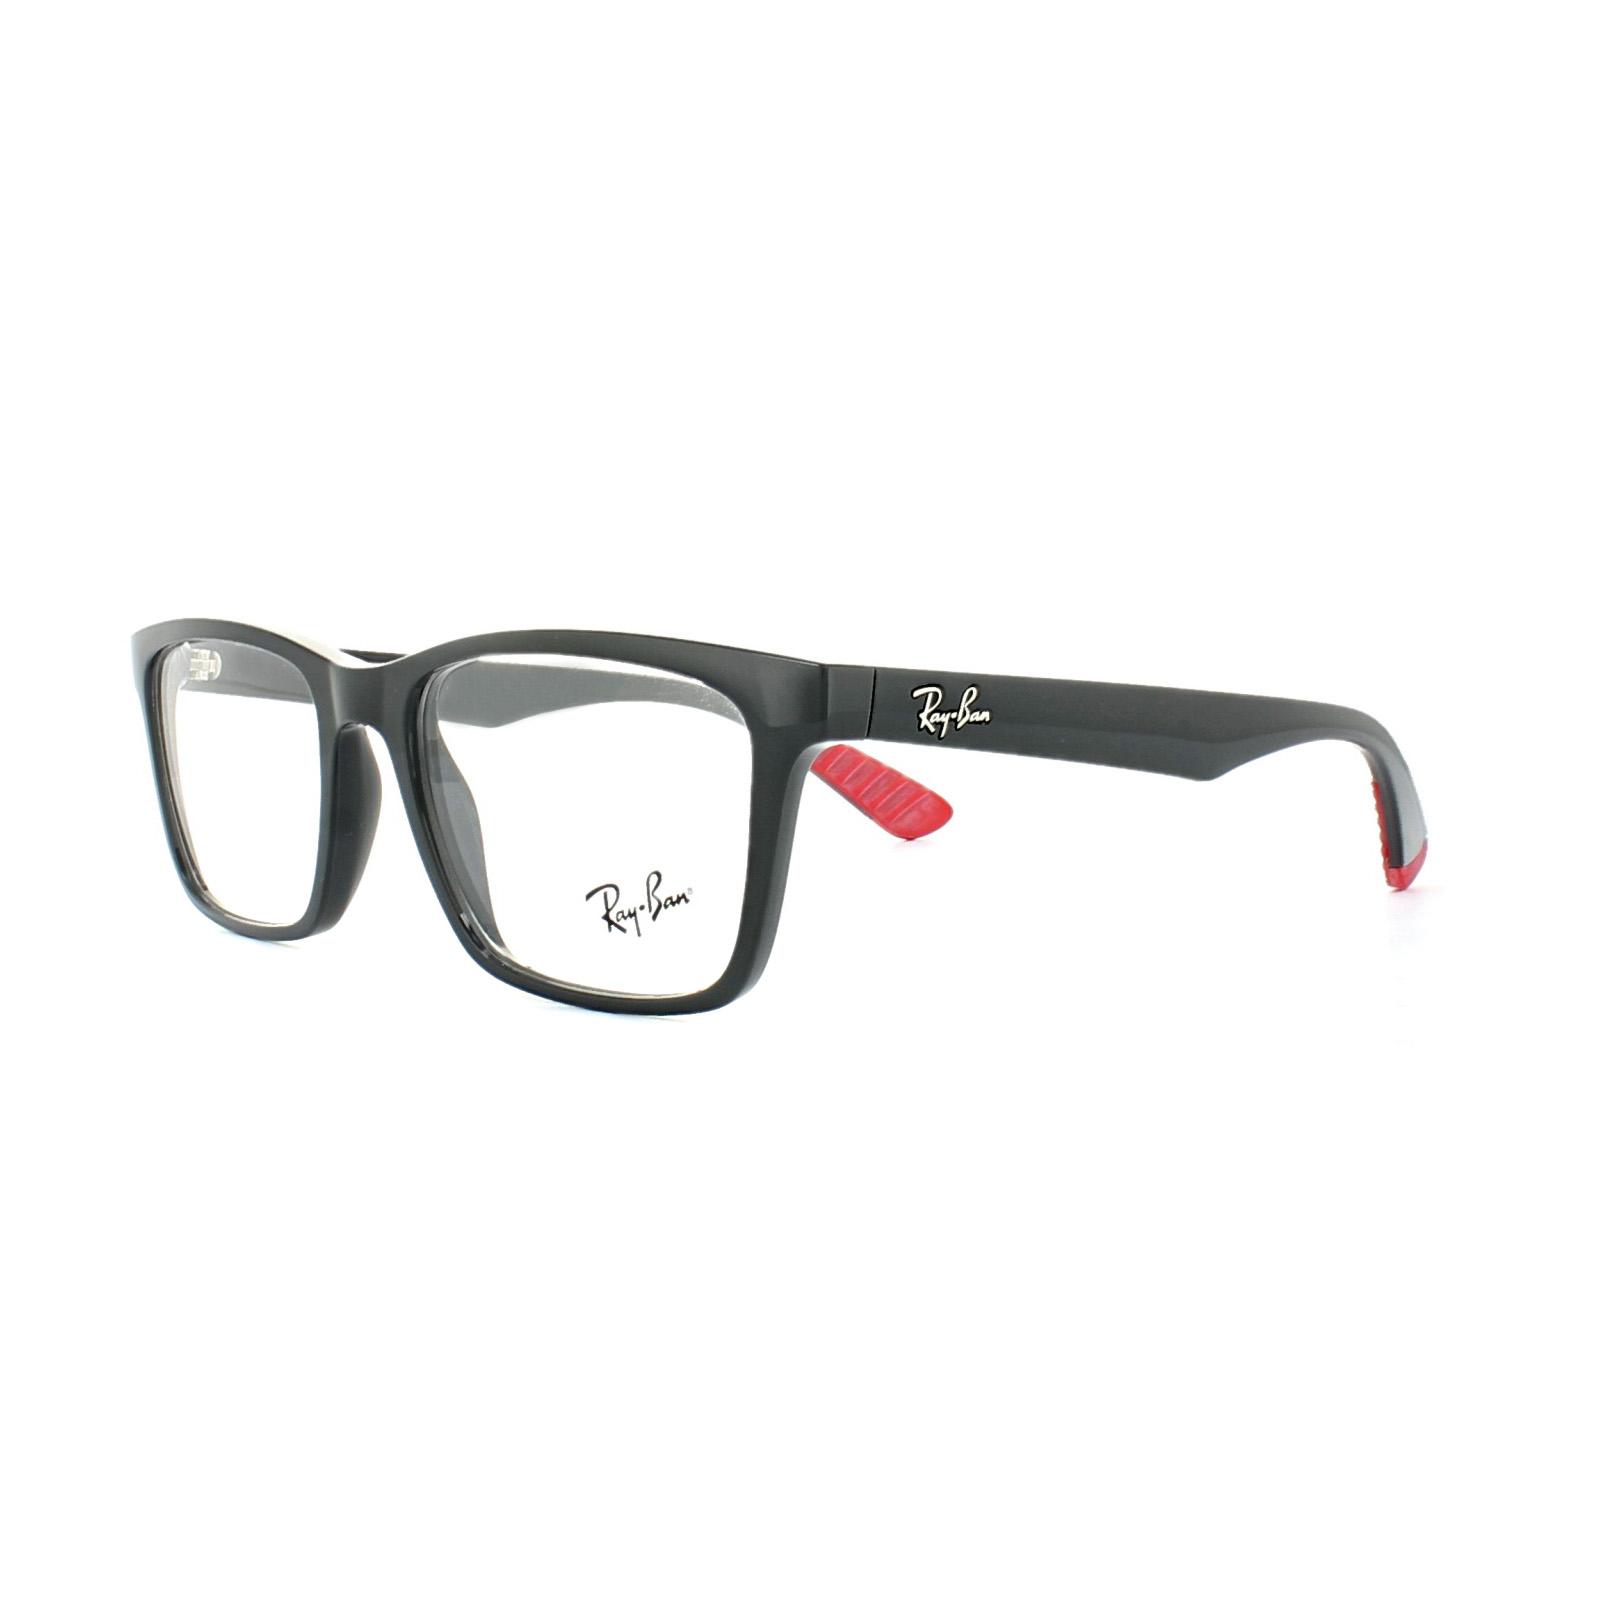 bc8b61f4644 Cheap Ray-Ban 7025 Glasses Frames - Discounted Sunglasses